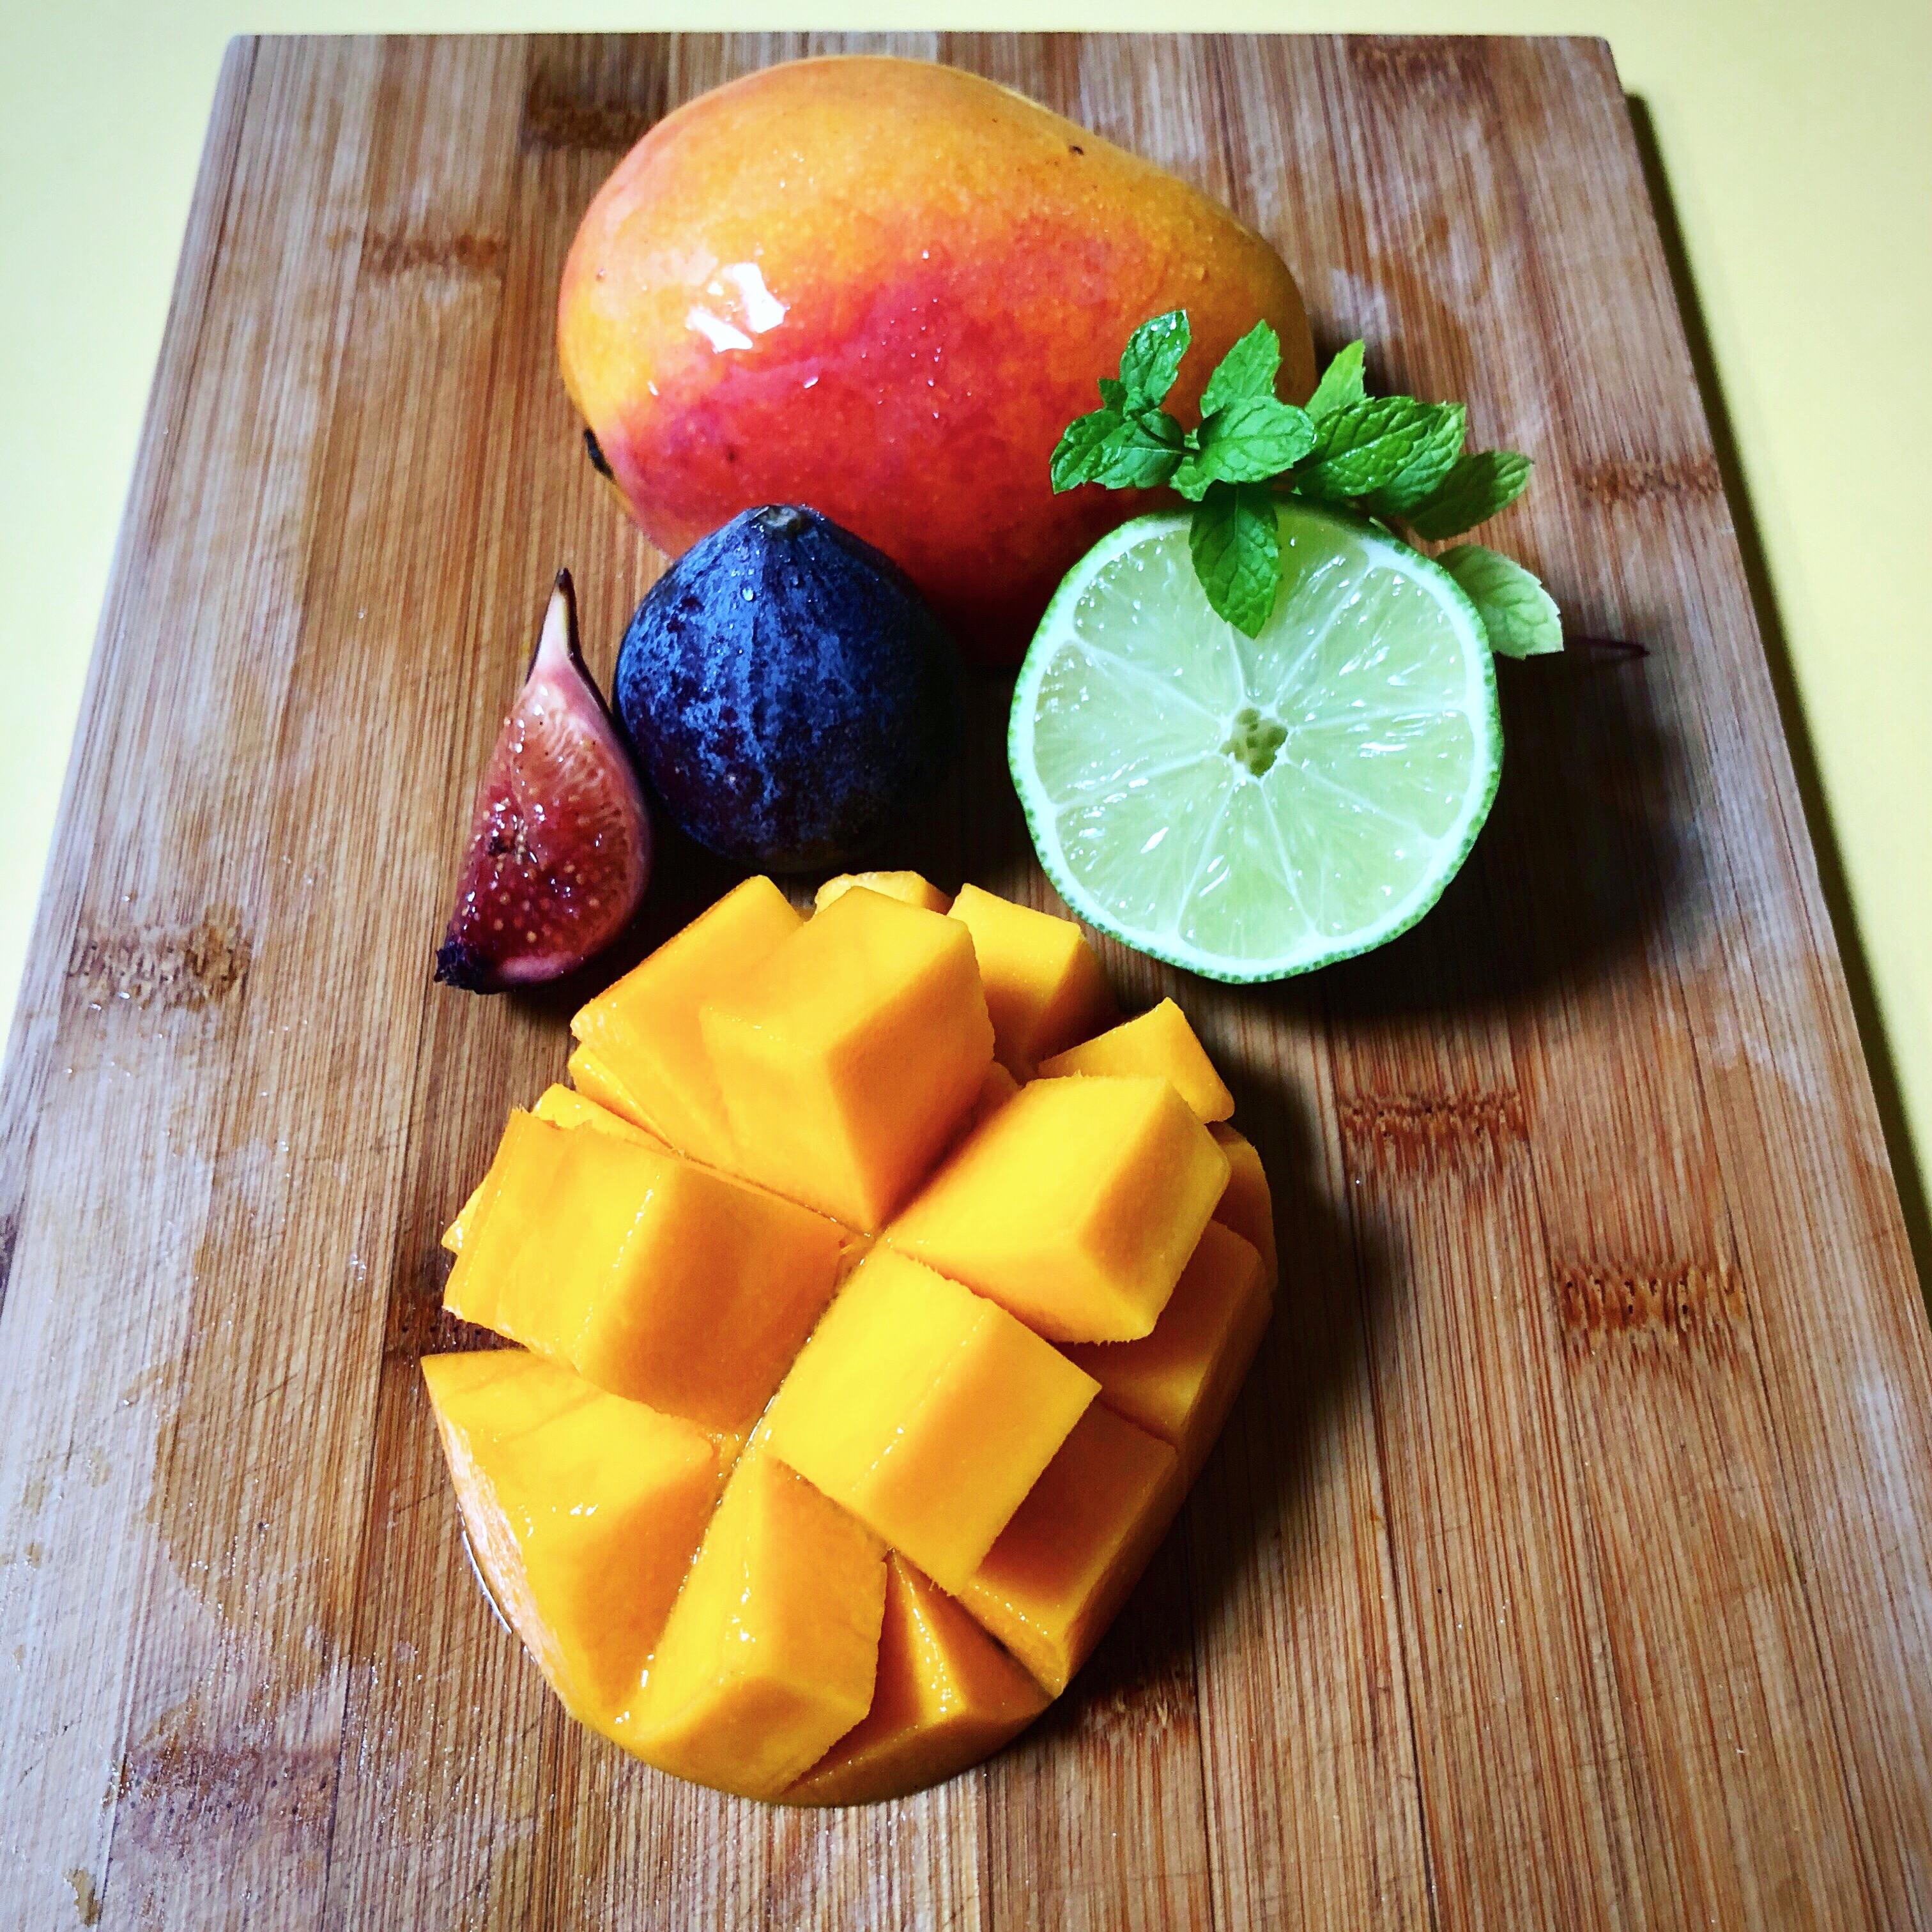 IMG 3308 - Salade de fruits jolie jolie